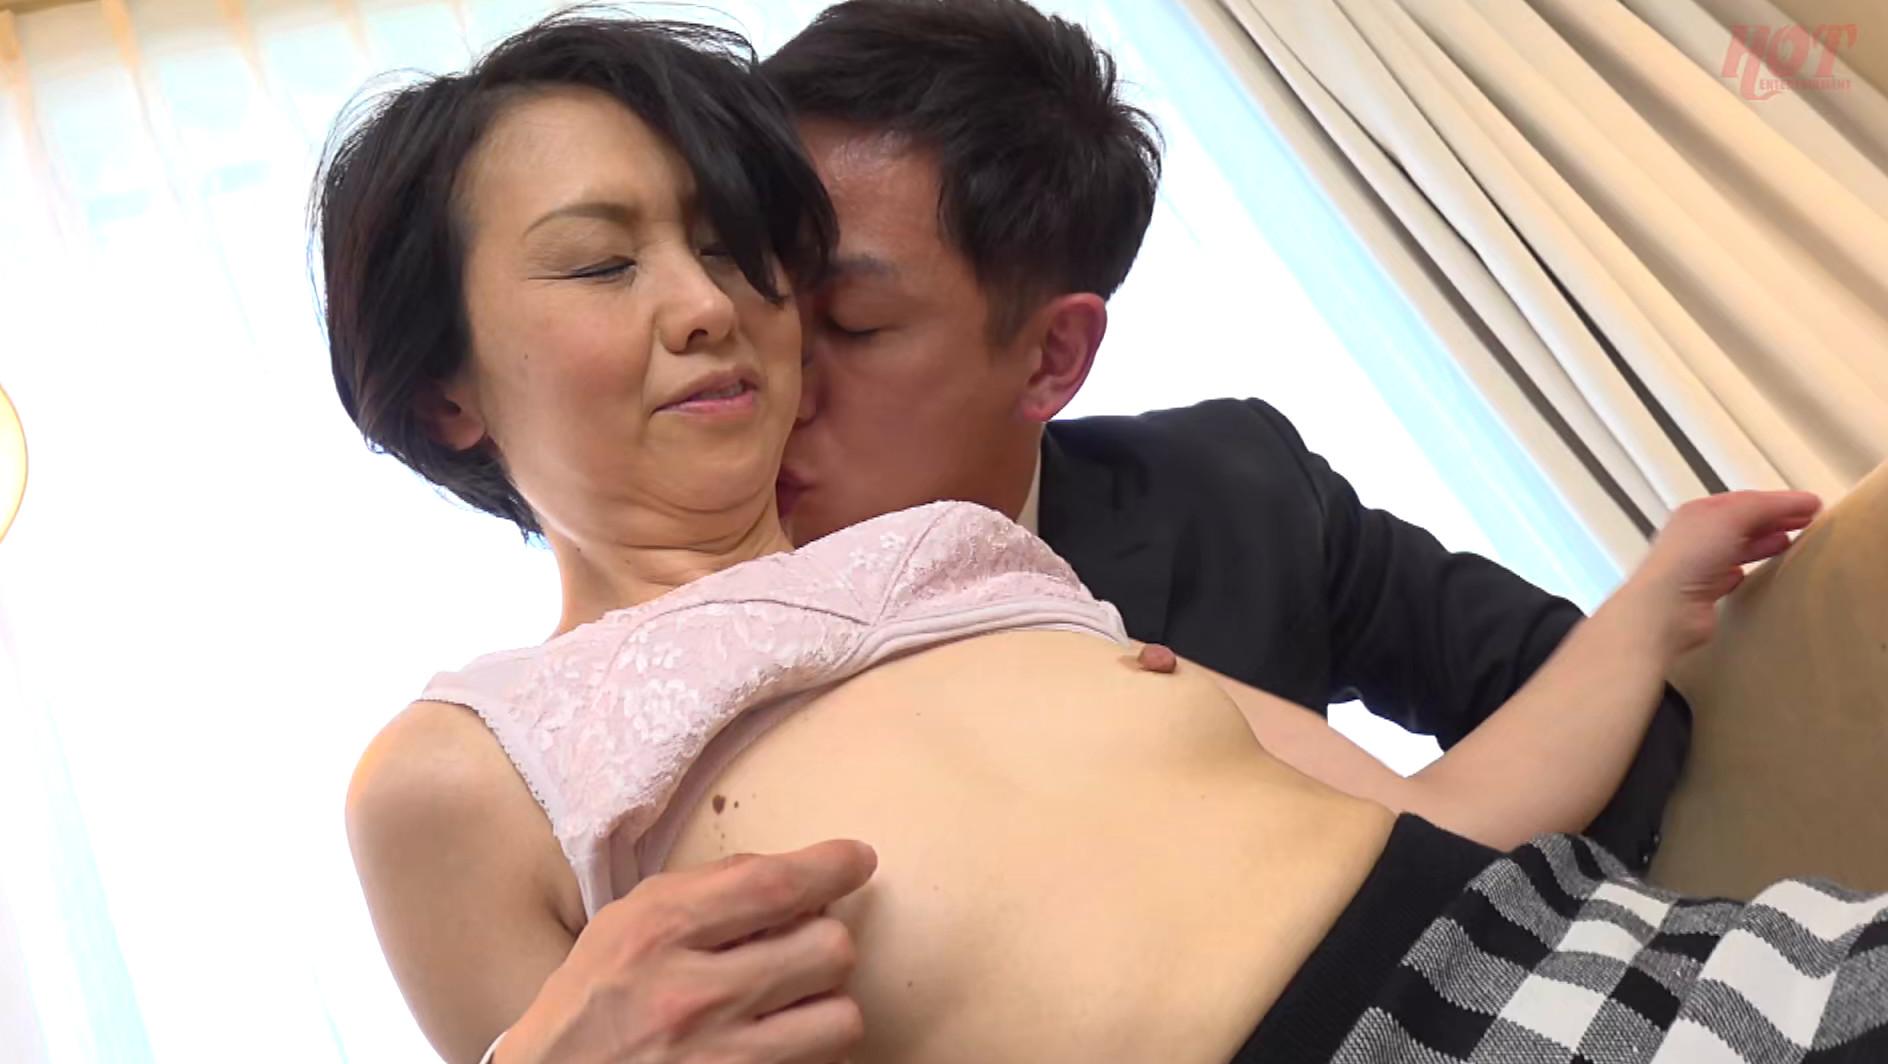 素敵な婦人 息子に会いに上京したはずなのに・・・イケメンナンパ師のテクにメロメロ 光代さん49歳 画像13